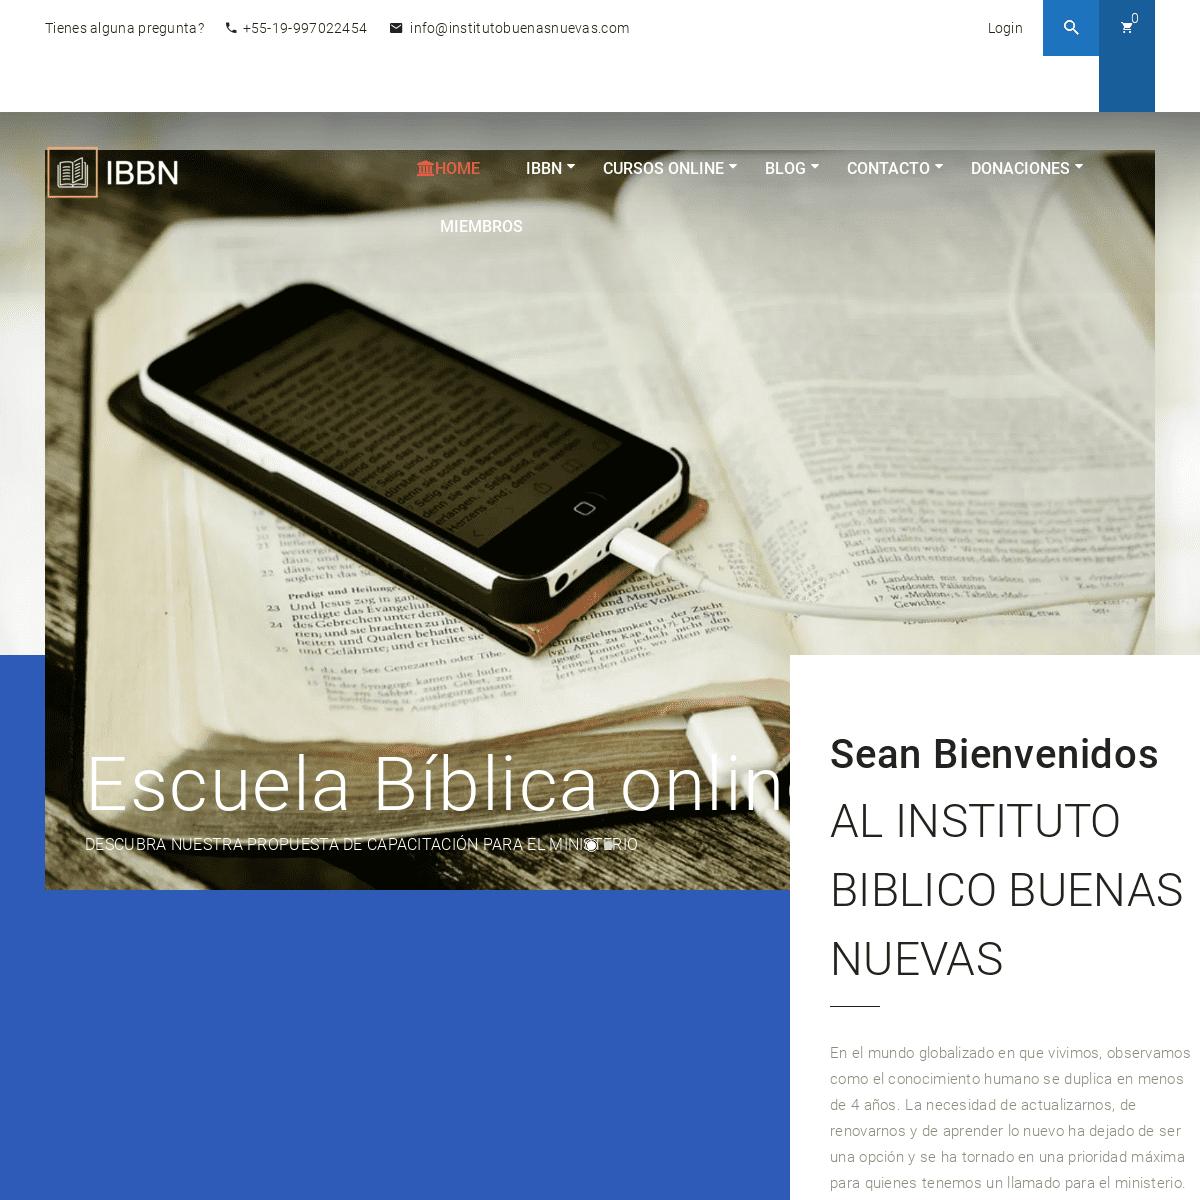 Home – Instituto Buenas Nuevas